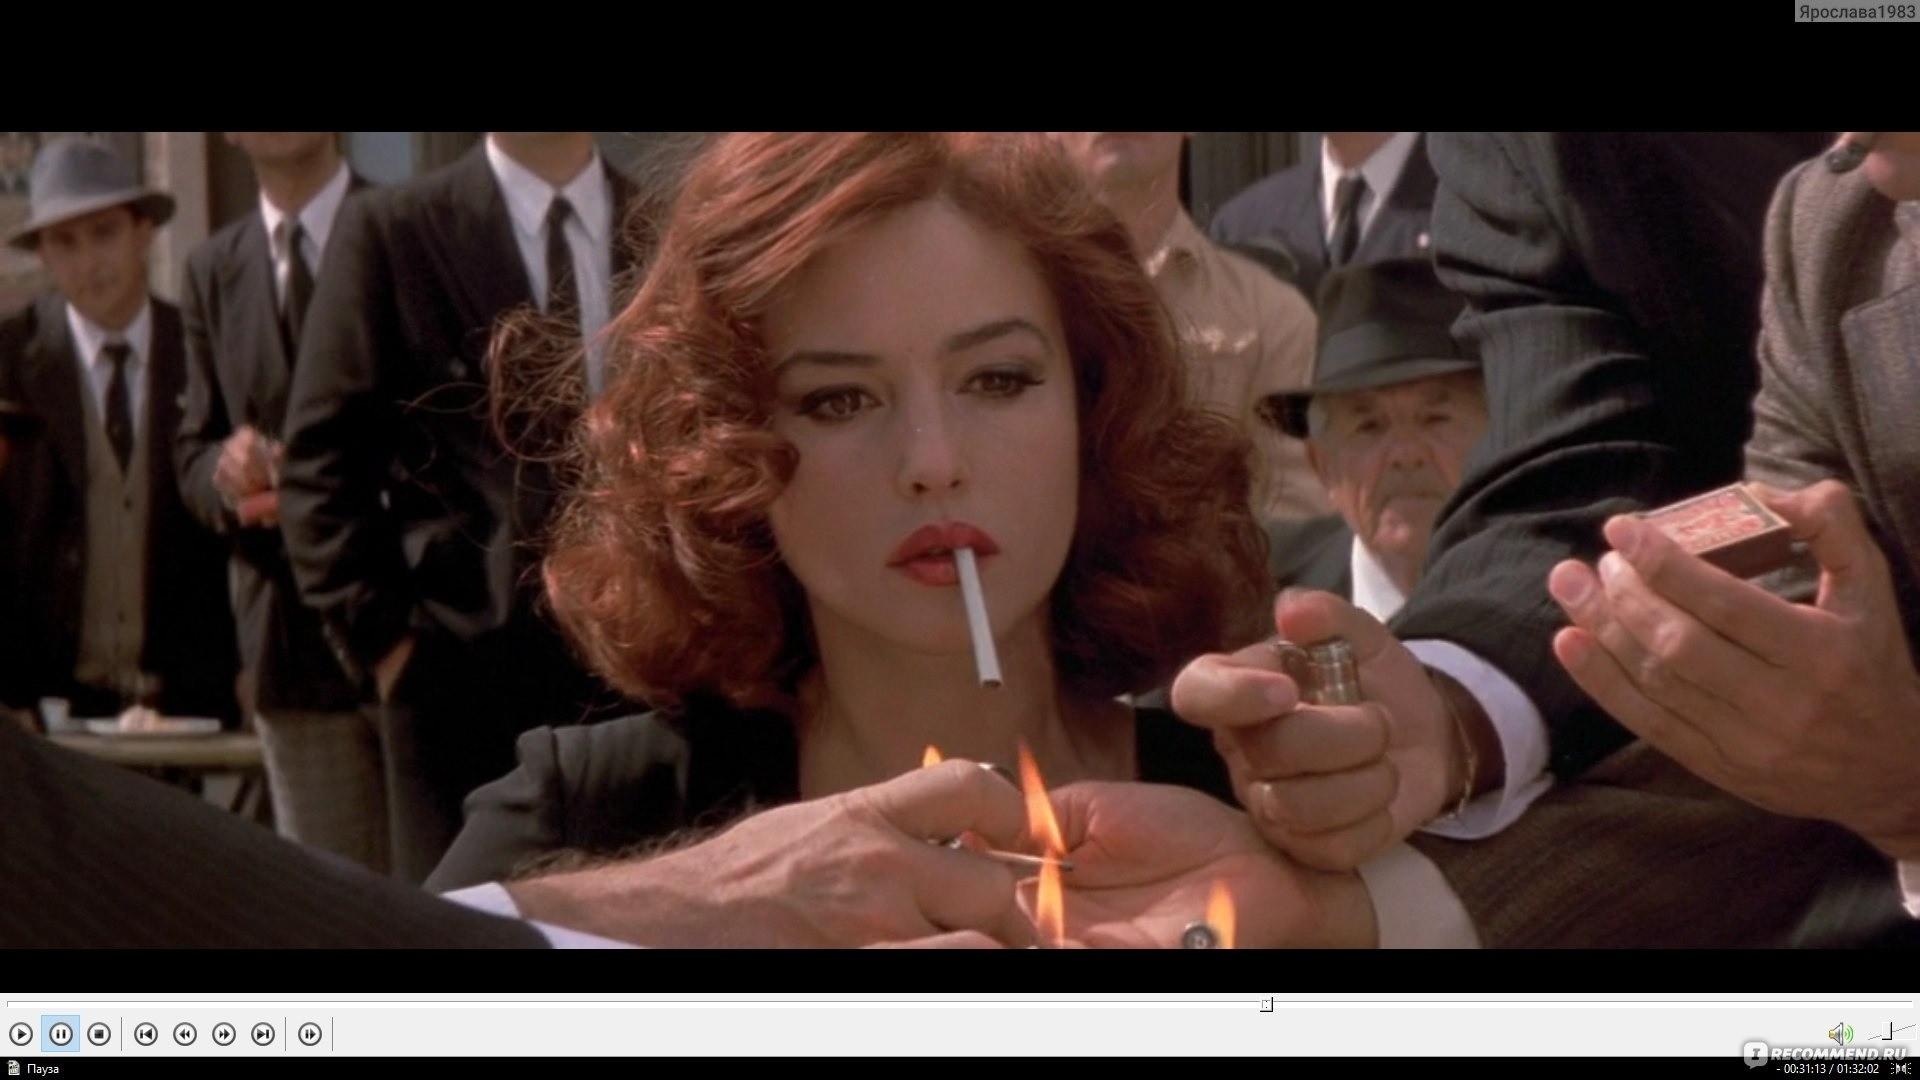 Курить вредно? 5 твоих привычек, которые еще хуже